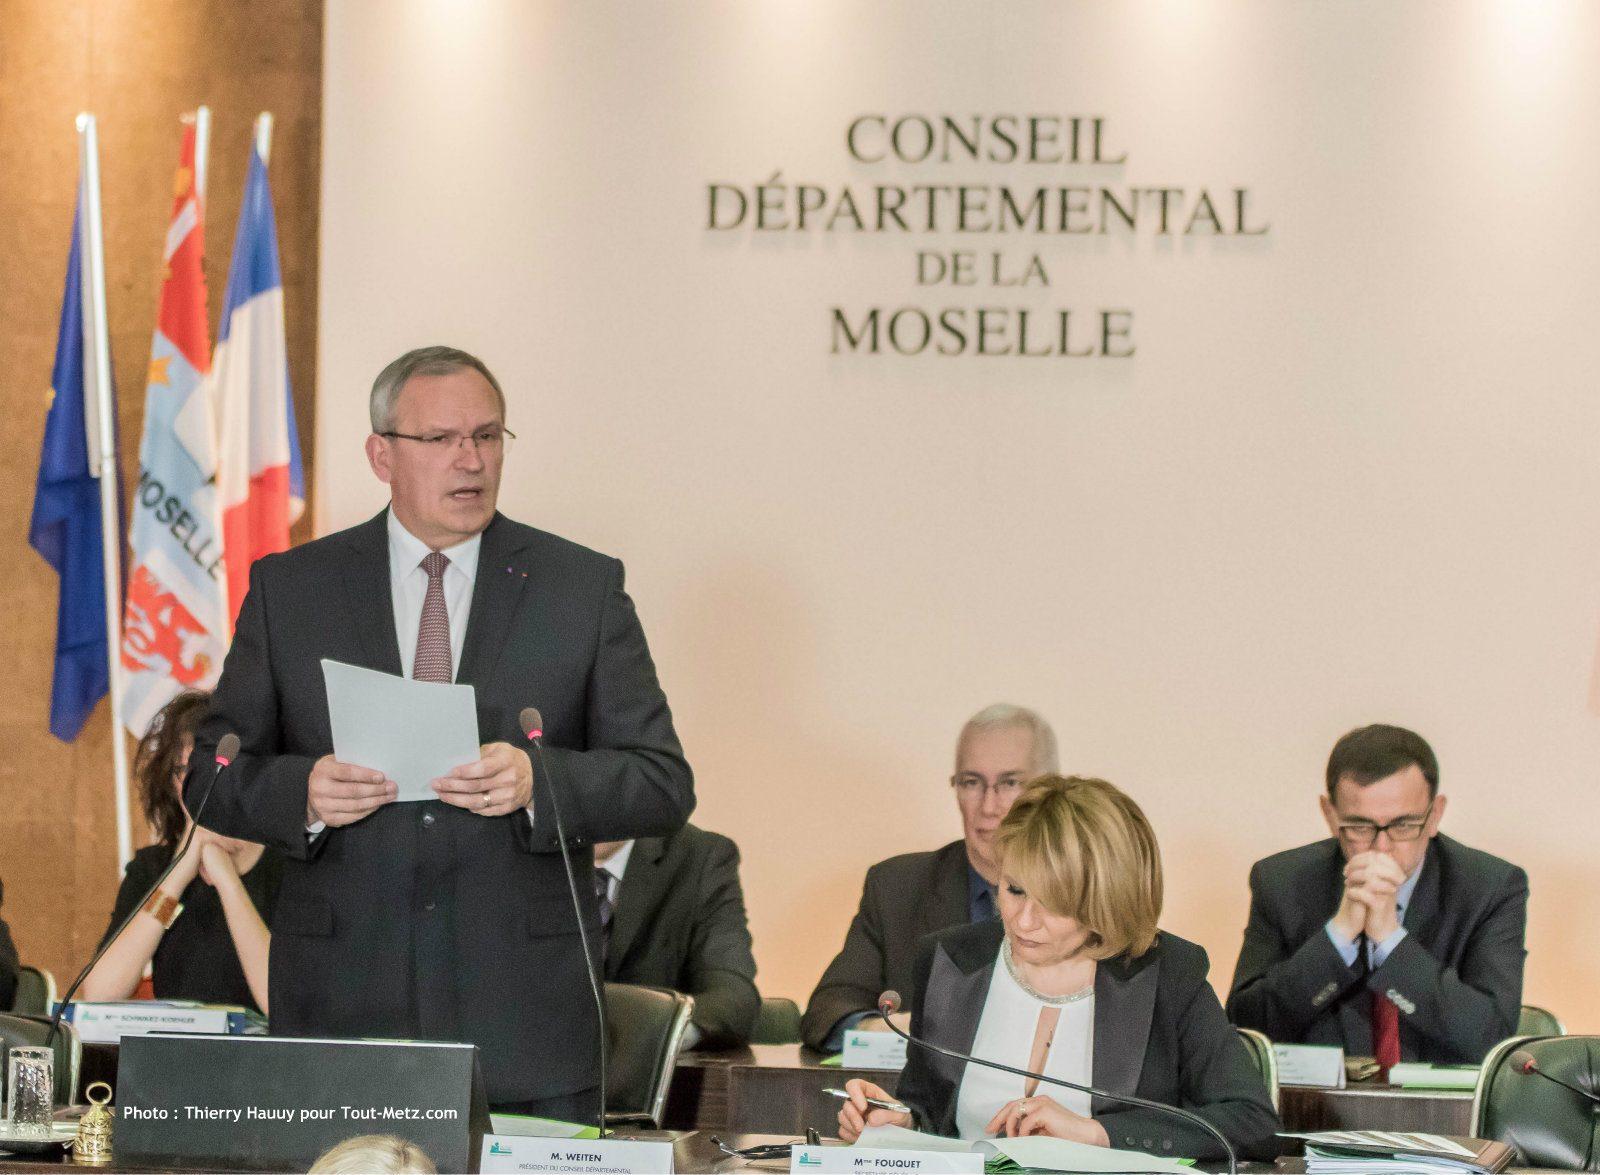 Patrick Weiten réélu à la présidence du Conseil Départemental de la Moselle